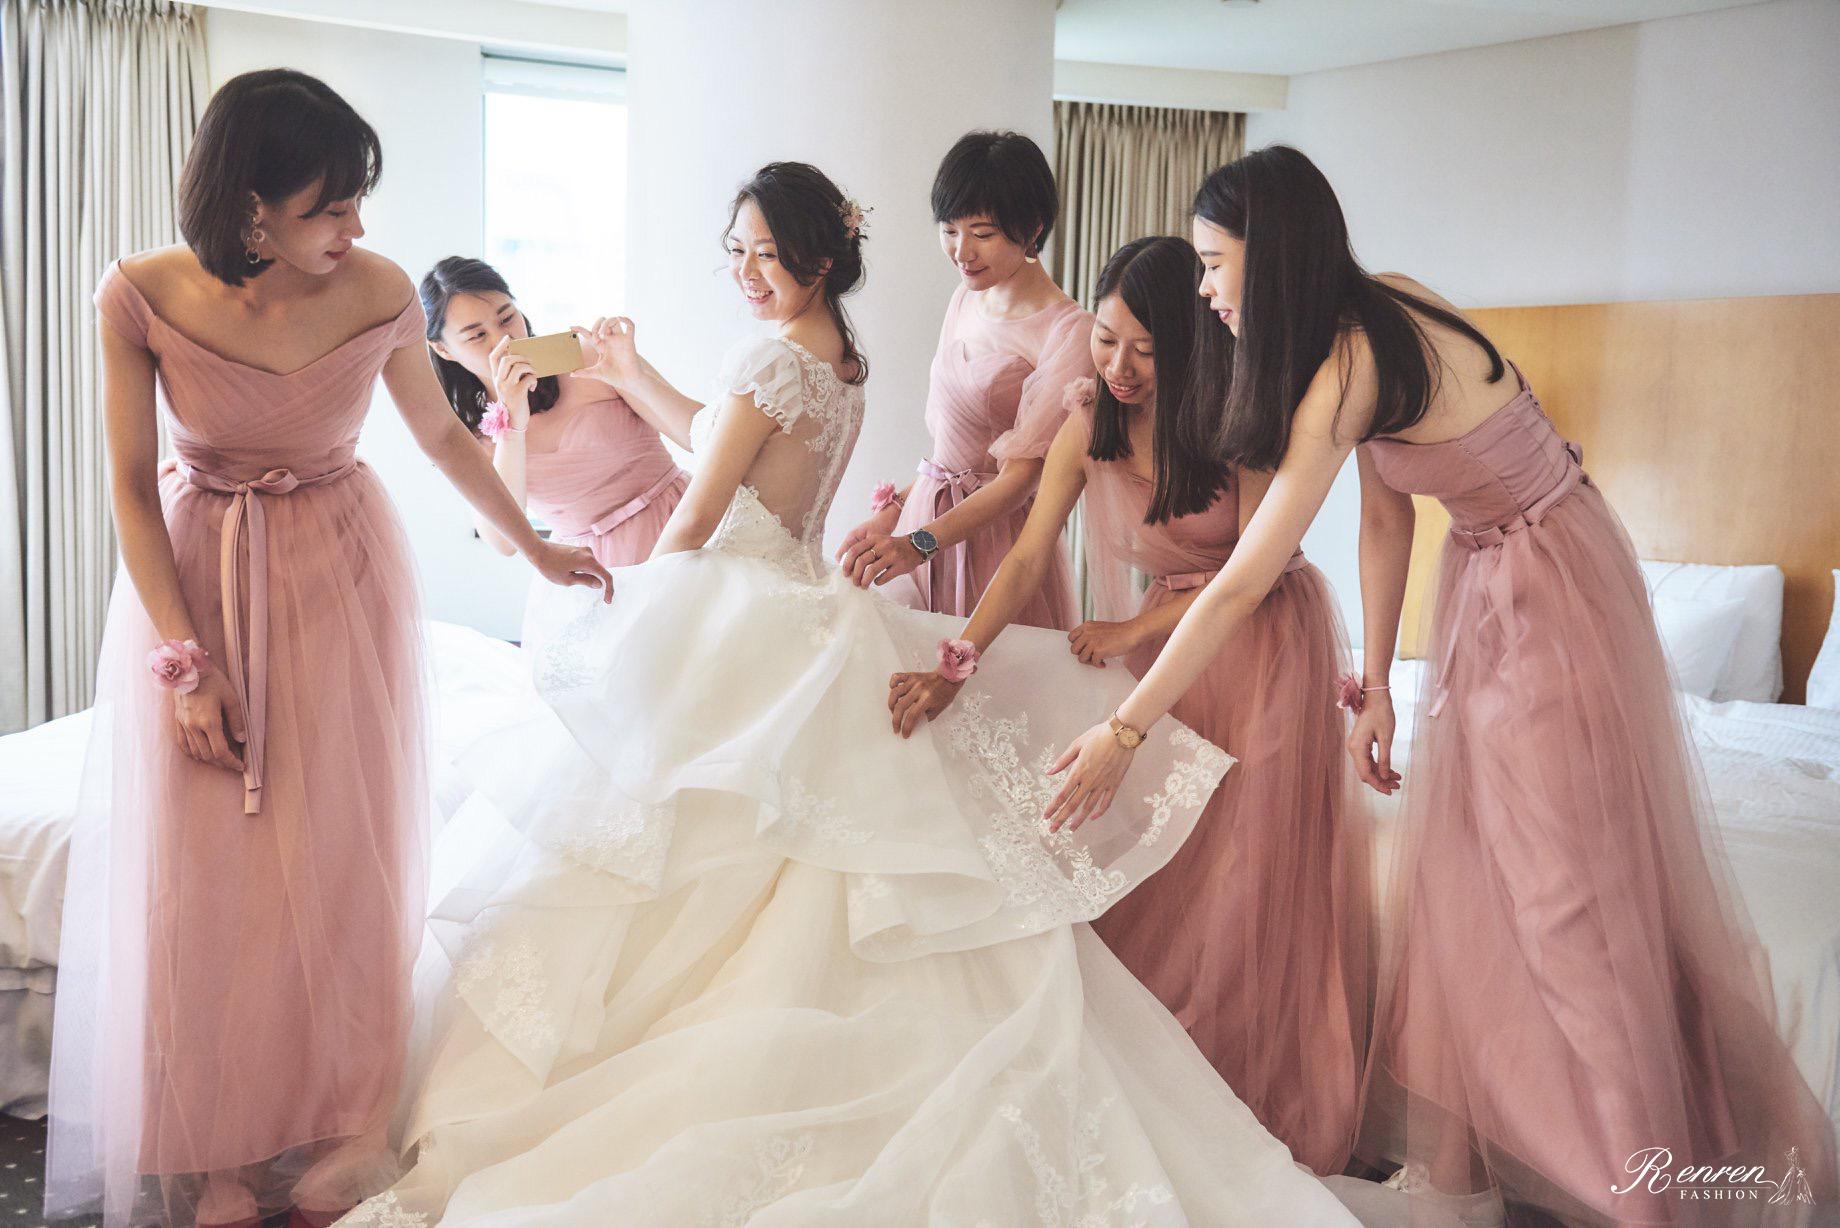 冉冉婚紗-試穿禮服注意事項-台中婚紗